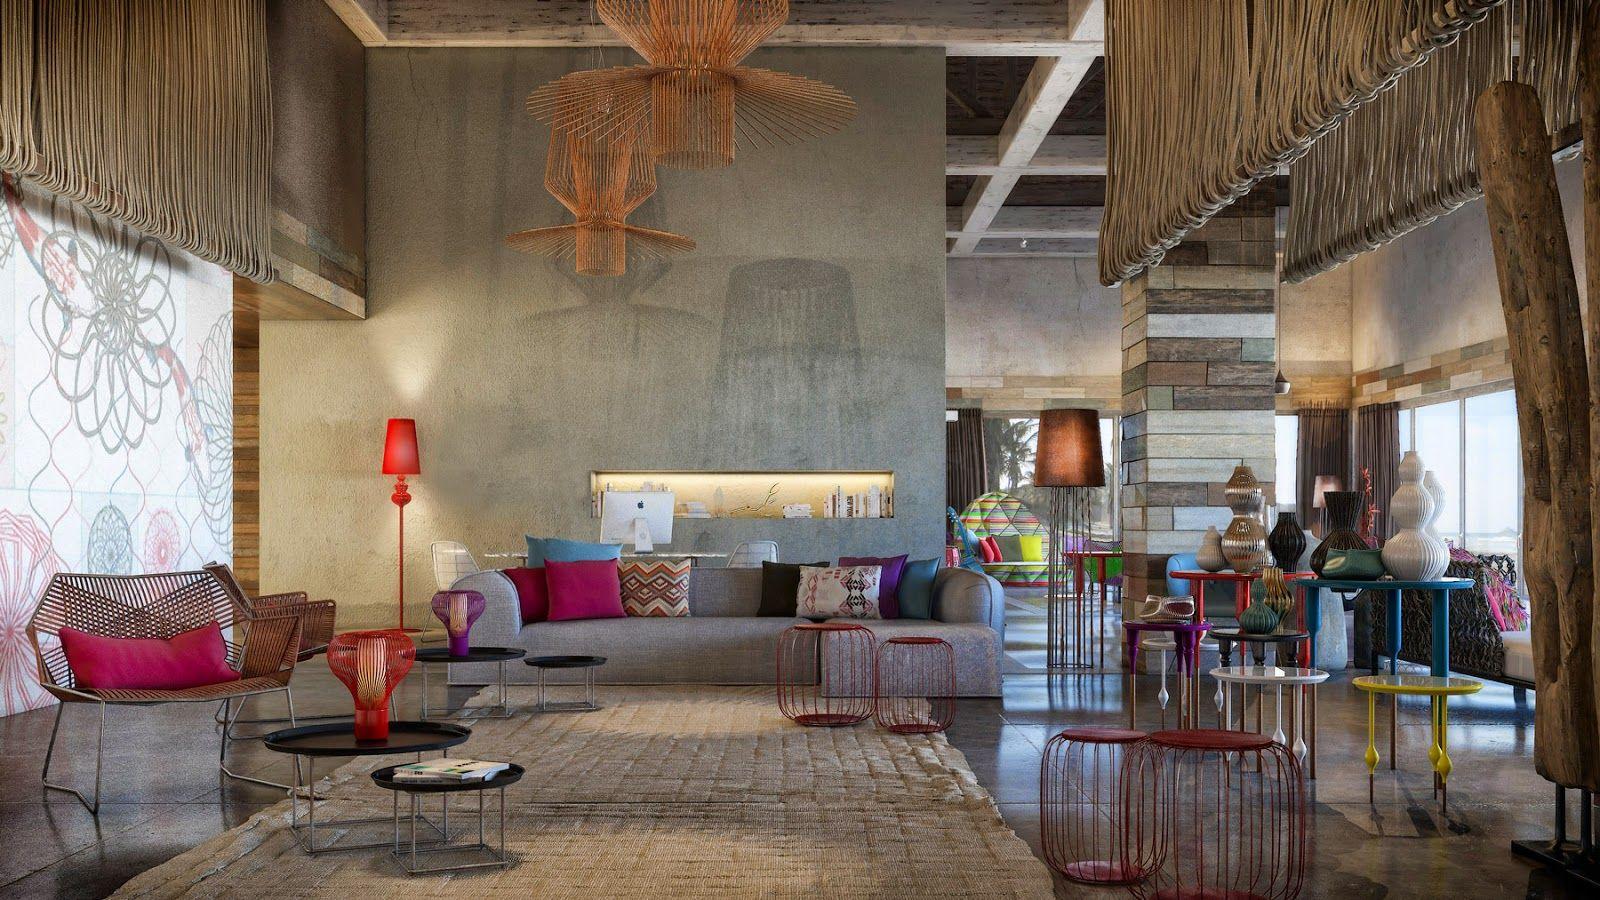 Deko Element Innenbereich, Einrichtungstrends, Puerto Rico, Bunte Möbel,  Tropische Möbel, Dinner Partys, Mein Haus, Weinberg, Holz